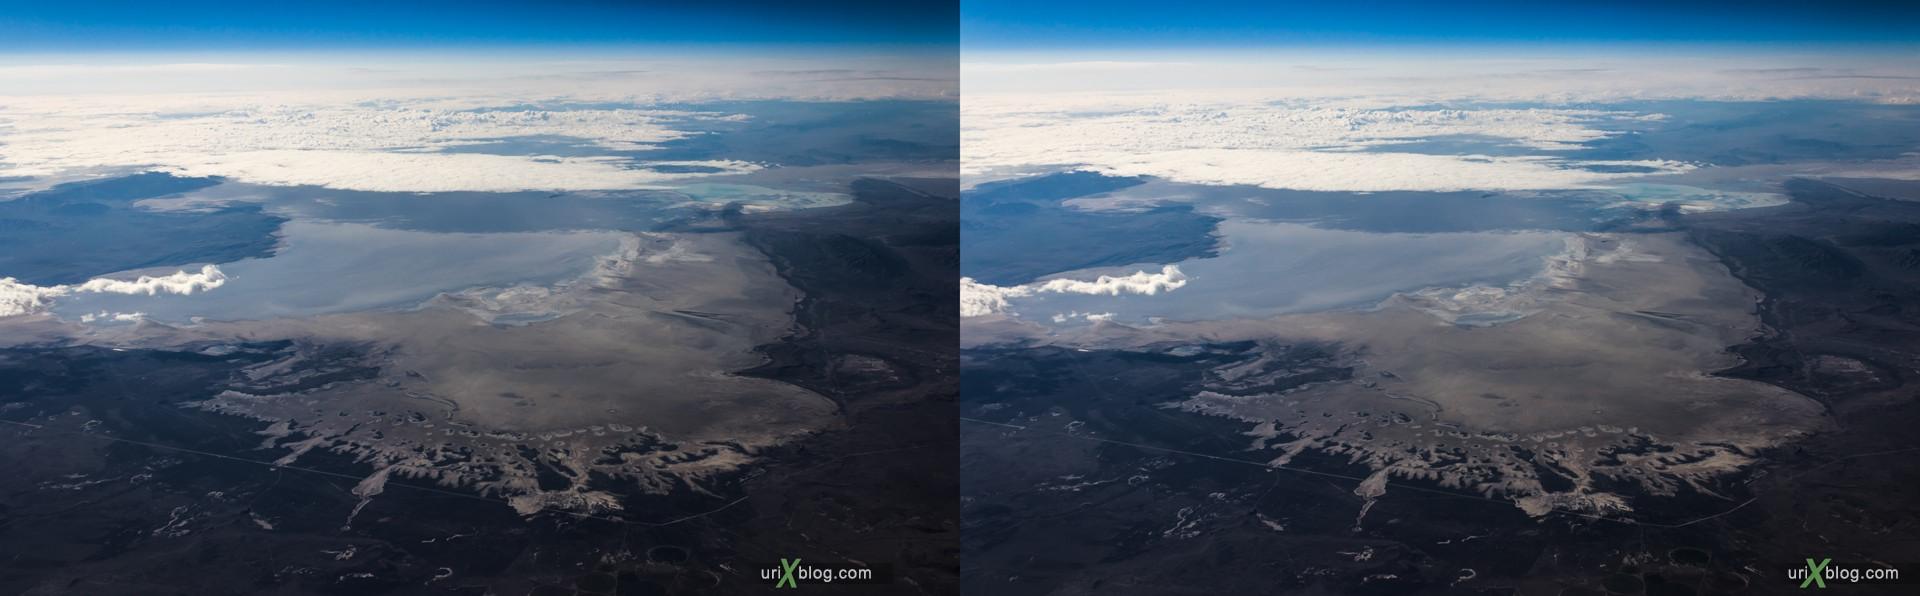 2013, Великое Солёное Озеро, штат Юта, Скалистые горы, США, горы, облака, снег, панорама, самолёт, чёрно-белое, чб, 3D, перекрёстные стереопары, стерео, стереопара, стереопары